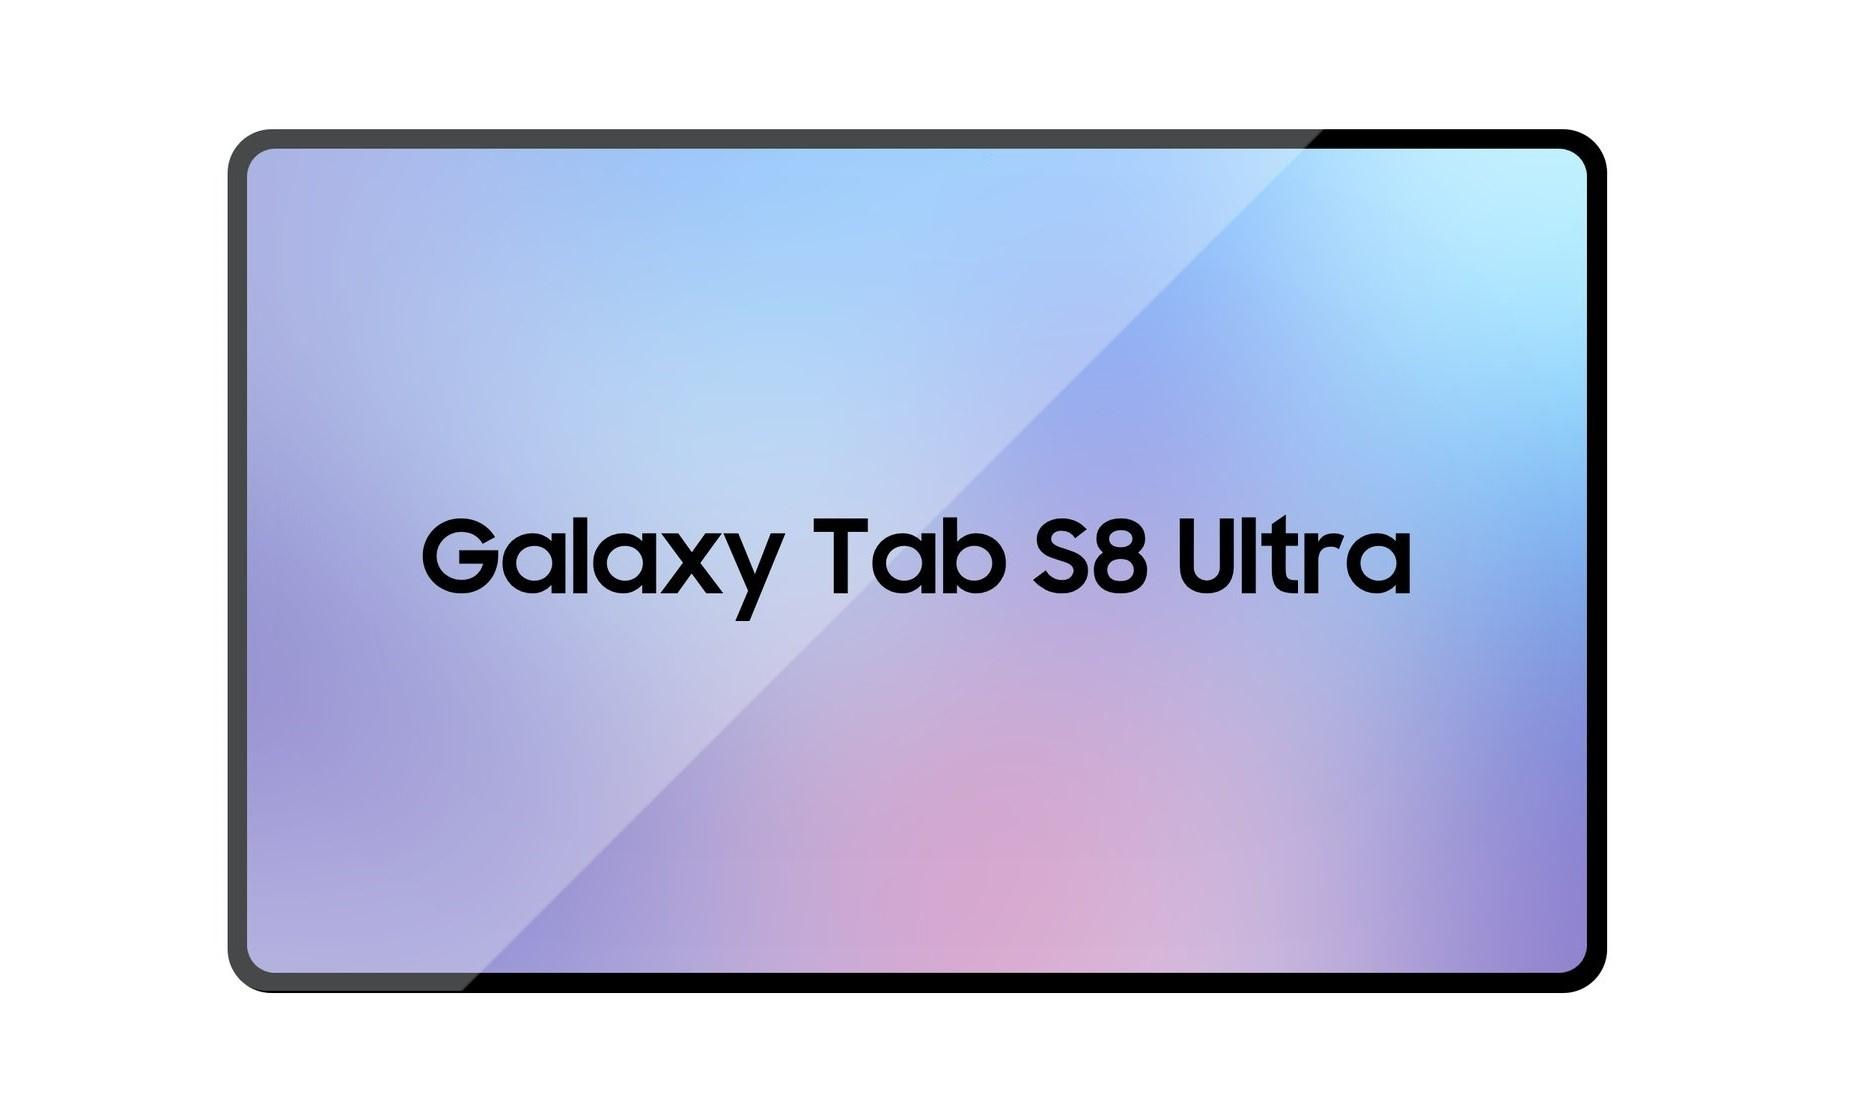 Rygte - Samsung Galaxy Tab S8 Ultra får en stor 14,6 OLED-skærm